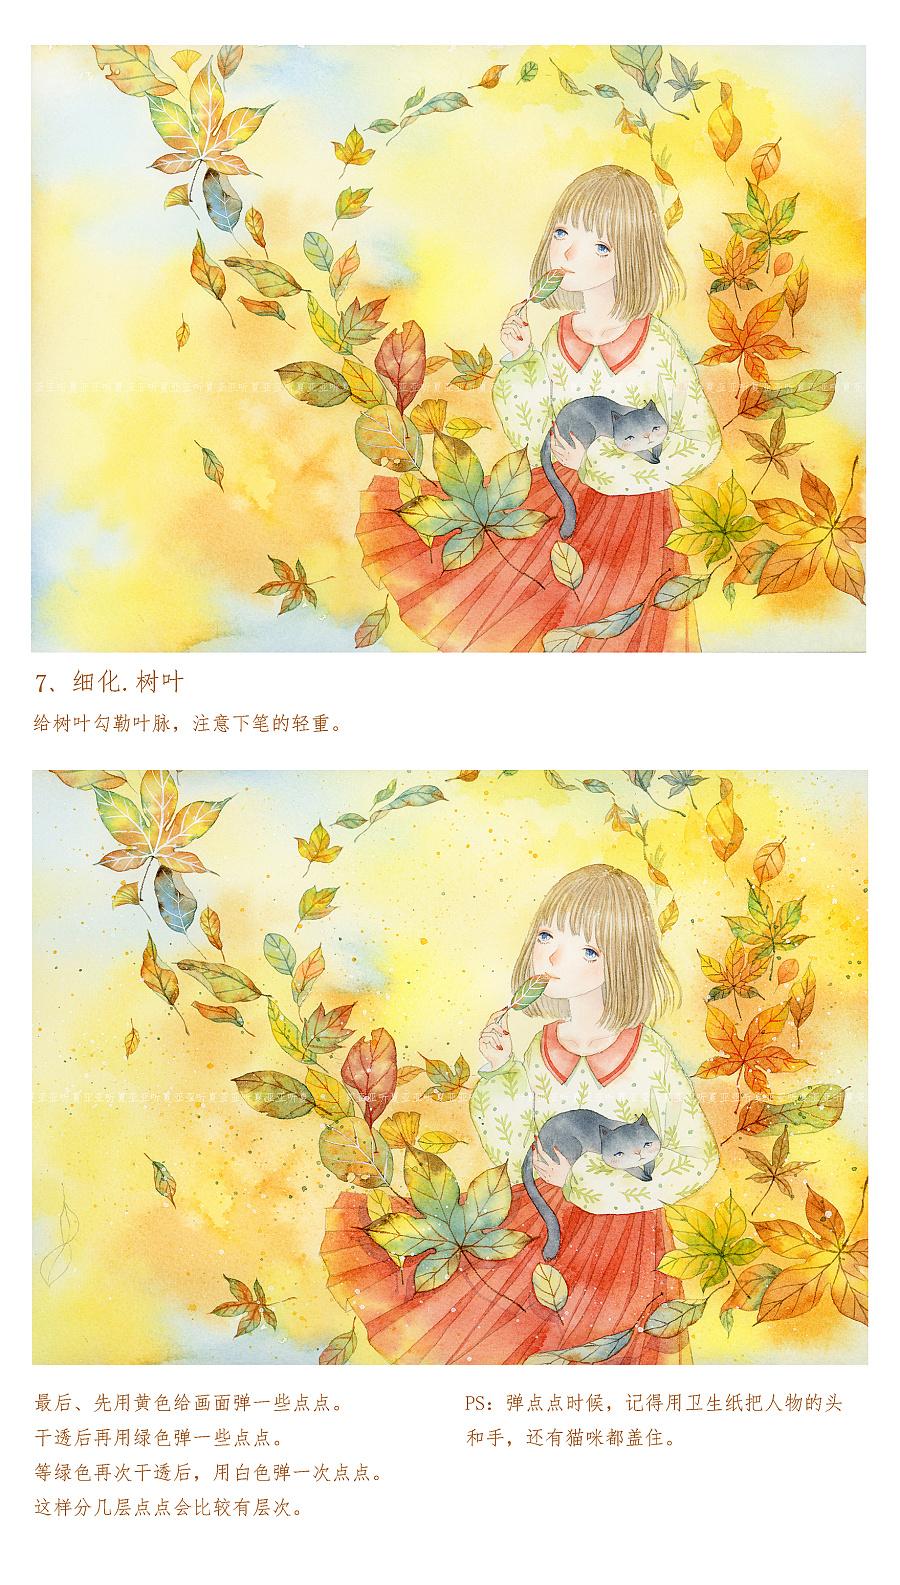 查看《秋天的味道 》原图,原图尺寸:1759x3098